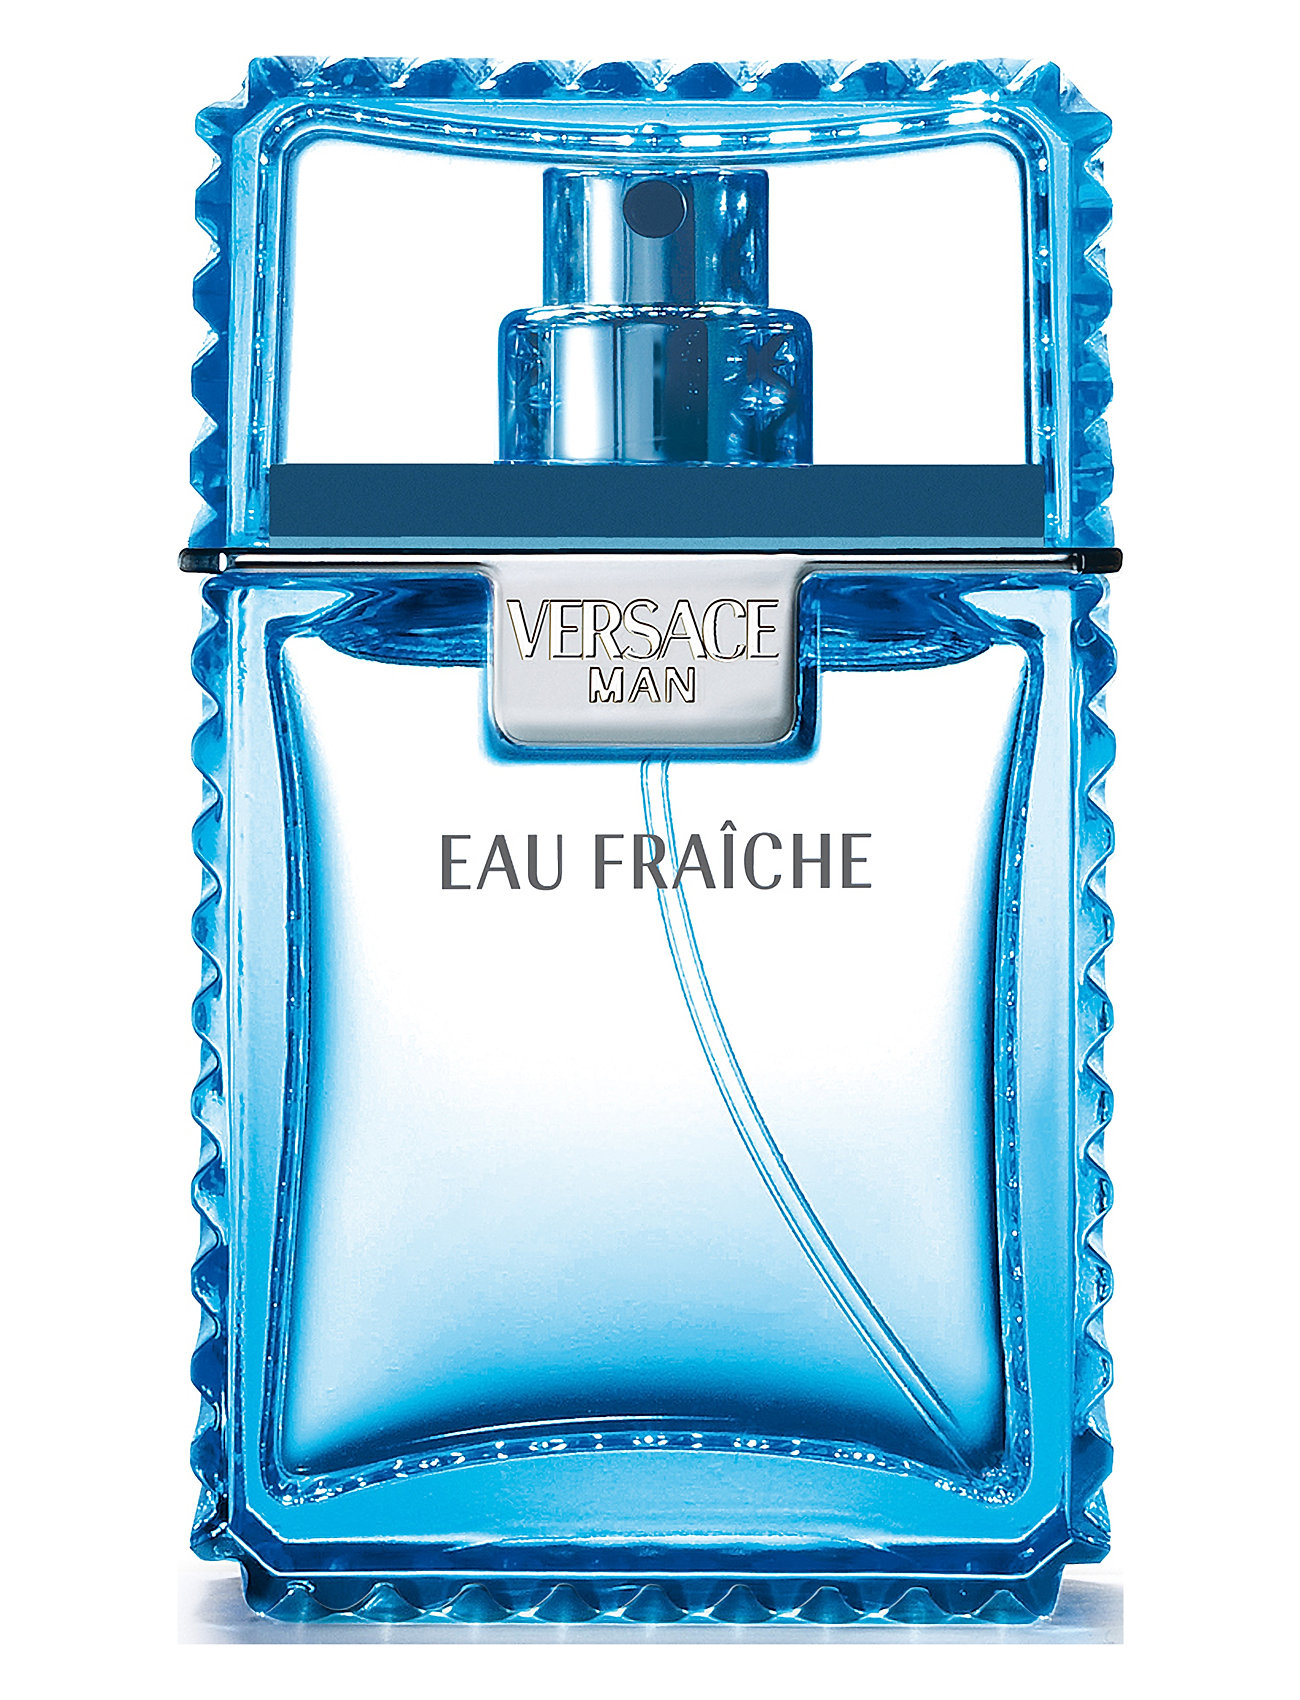 versace fragrance Versace eau fraiche homme eau de to fra boozt.com dk